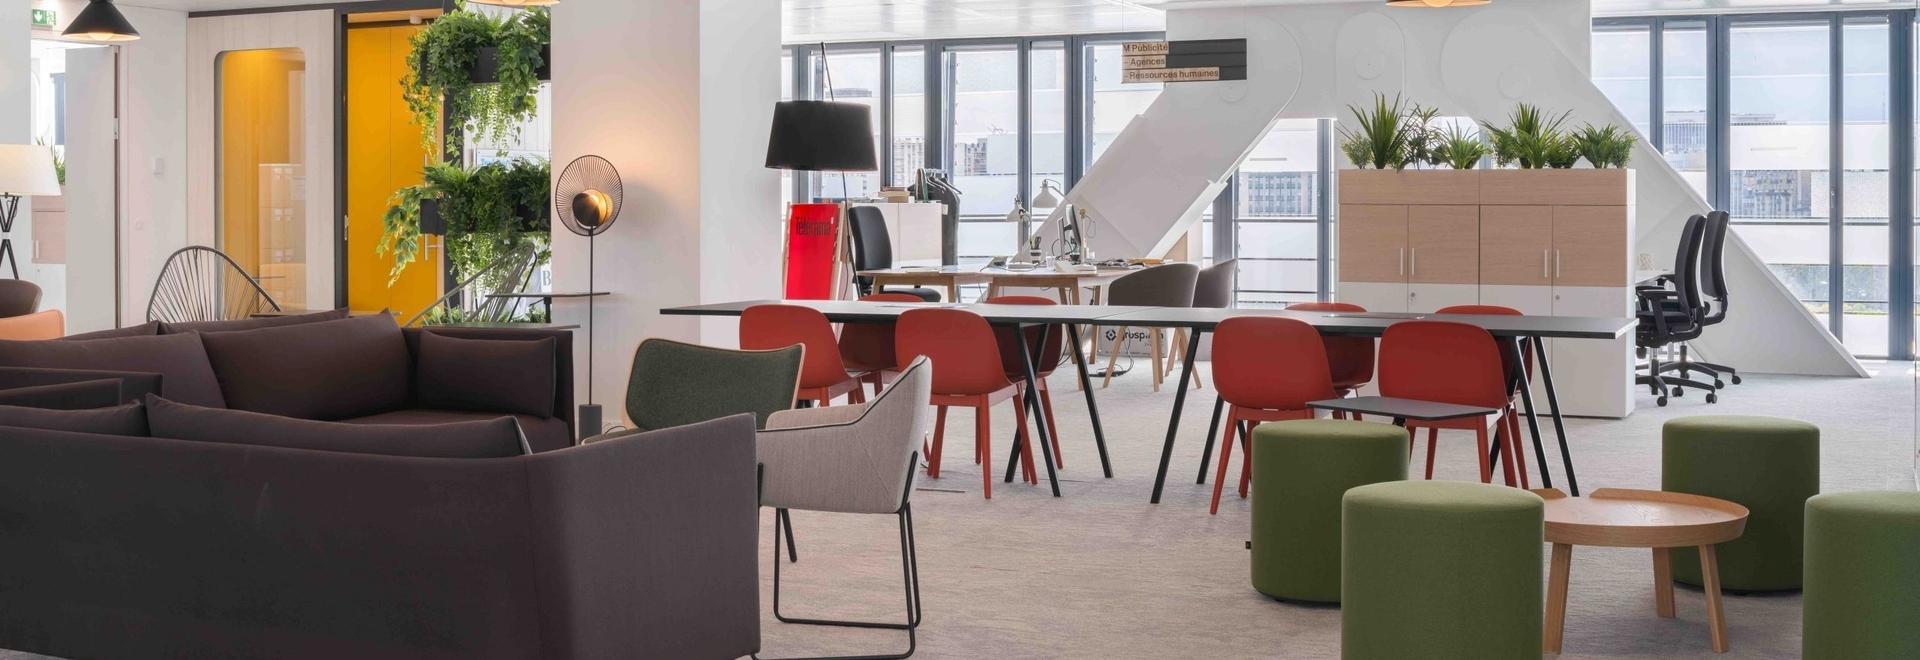 Oficinas abiertas para el Grupo Le Monde.